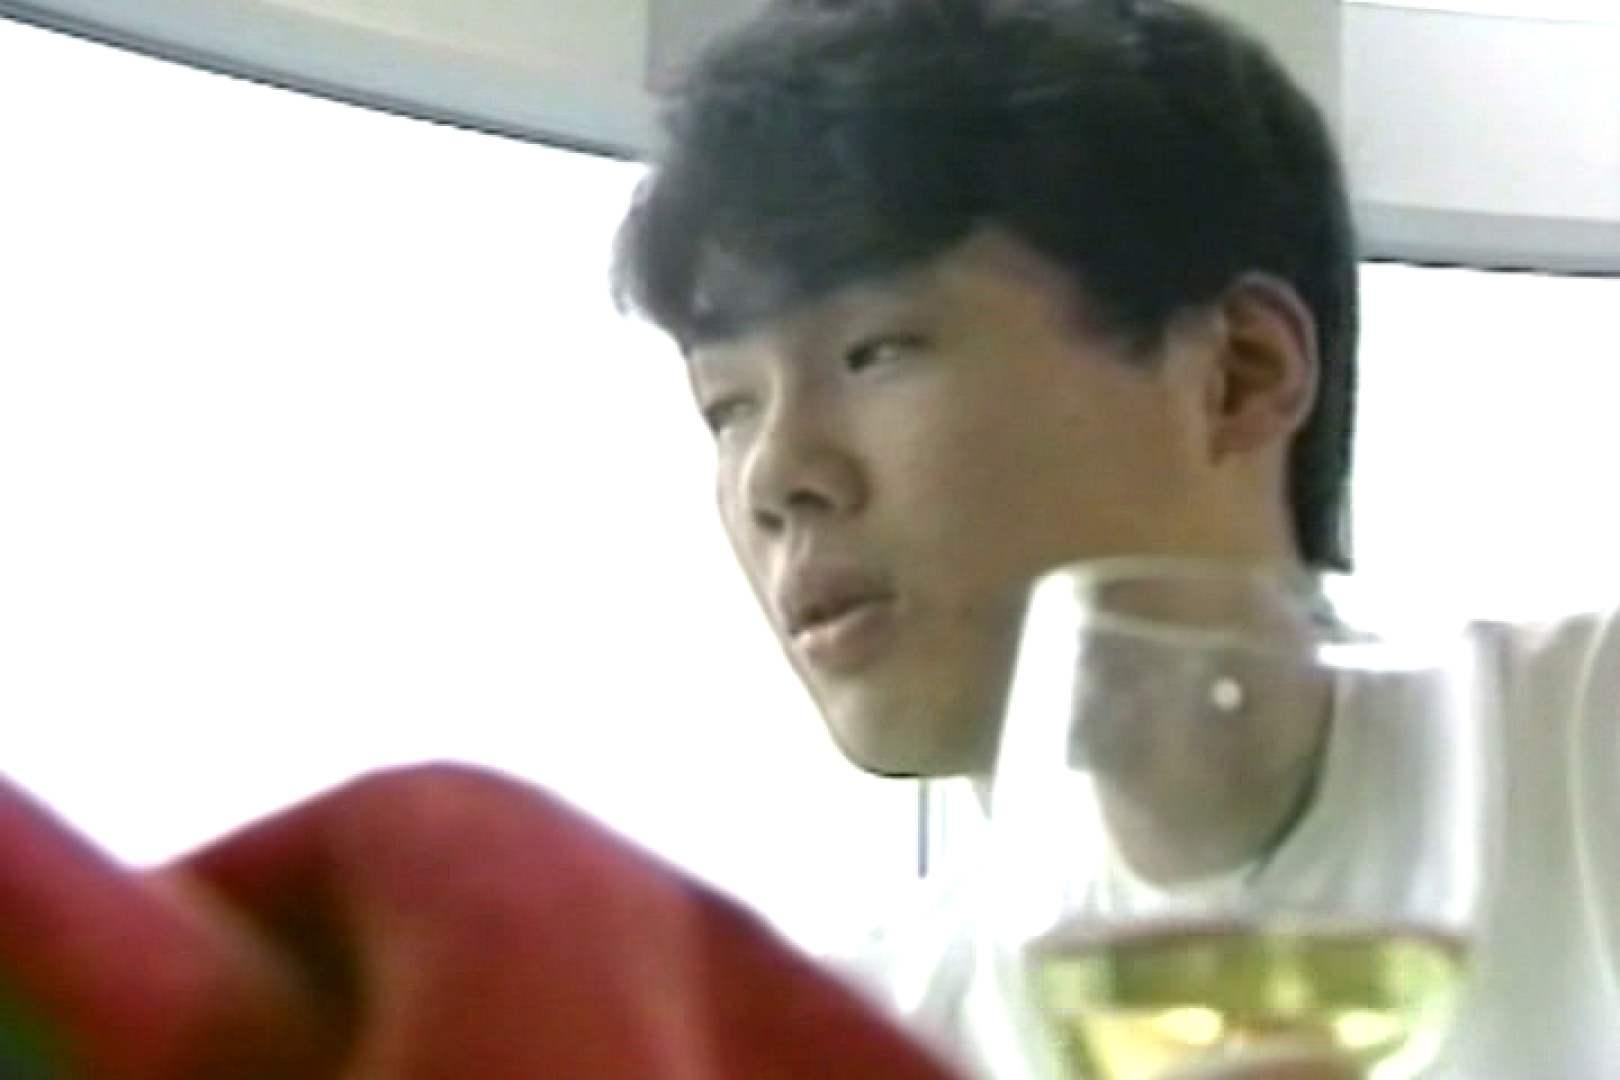 往年の名作 あの頃は若かった!Vol.01 フェラ天国 ゲイヌード画像 51pic 14